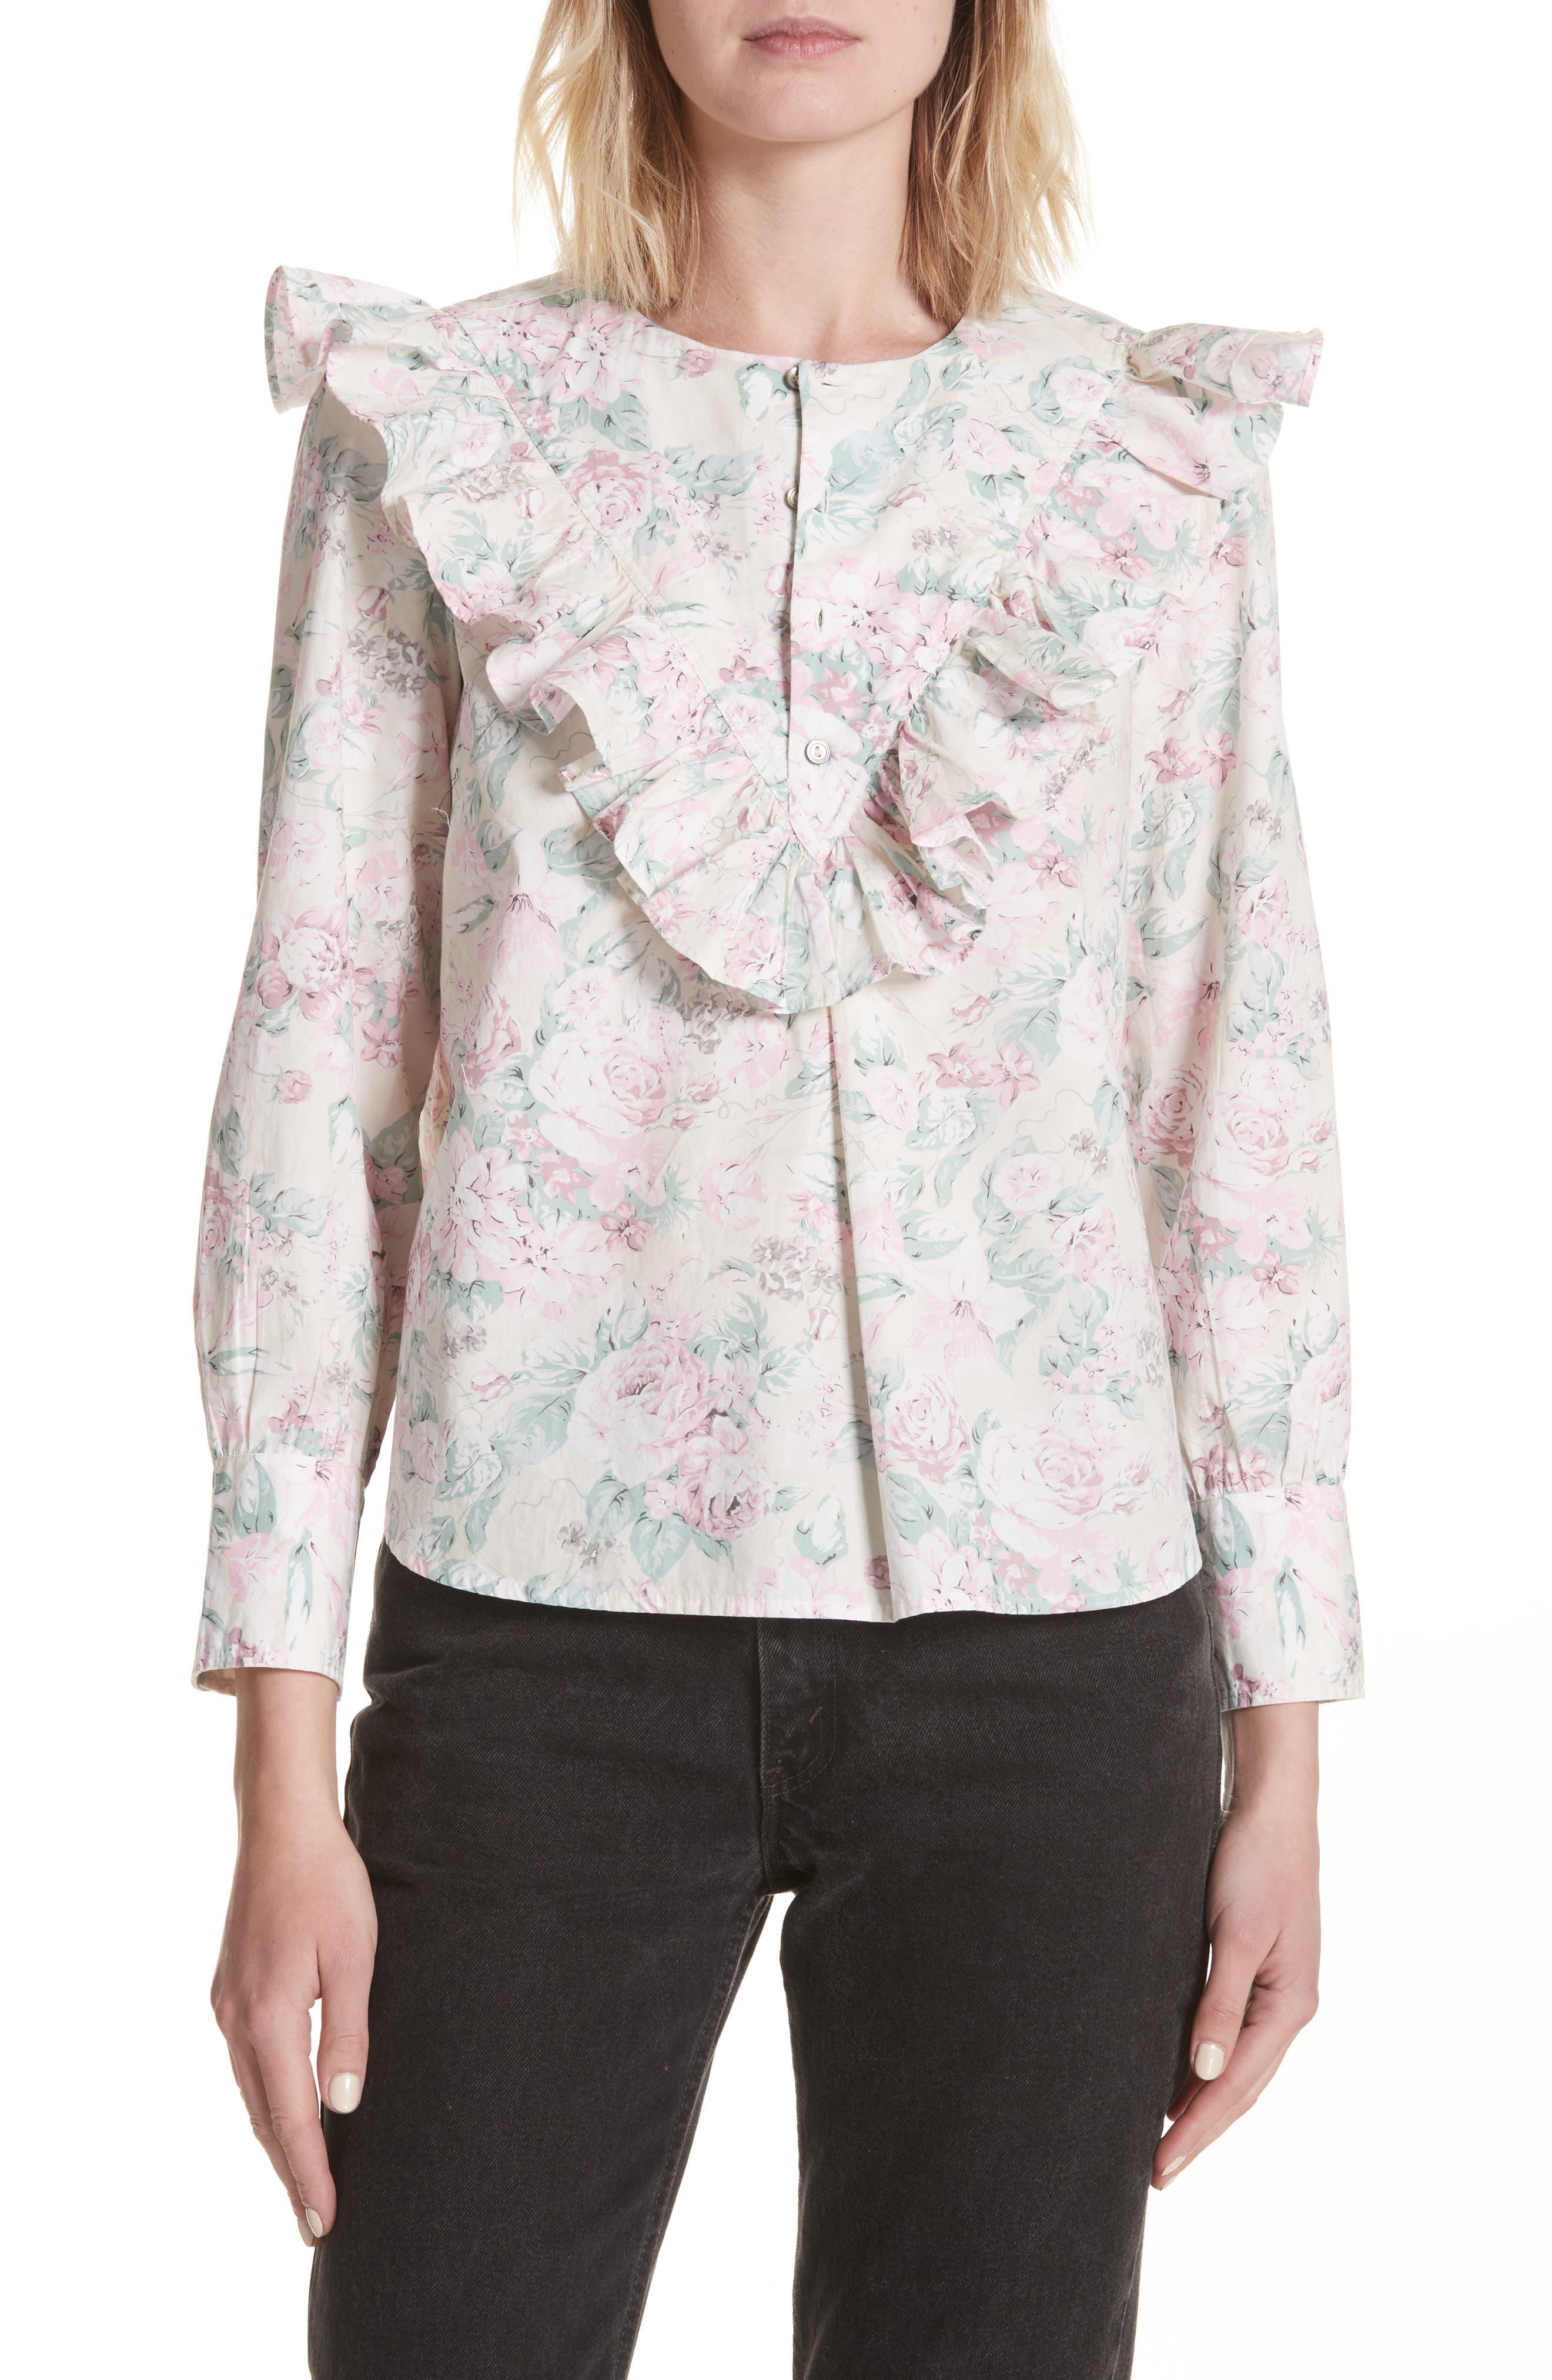 LA VIE REBECCA TAYLOR Rose Garden Top, Main, color, 699